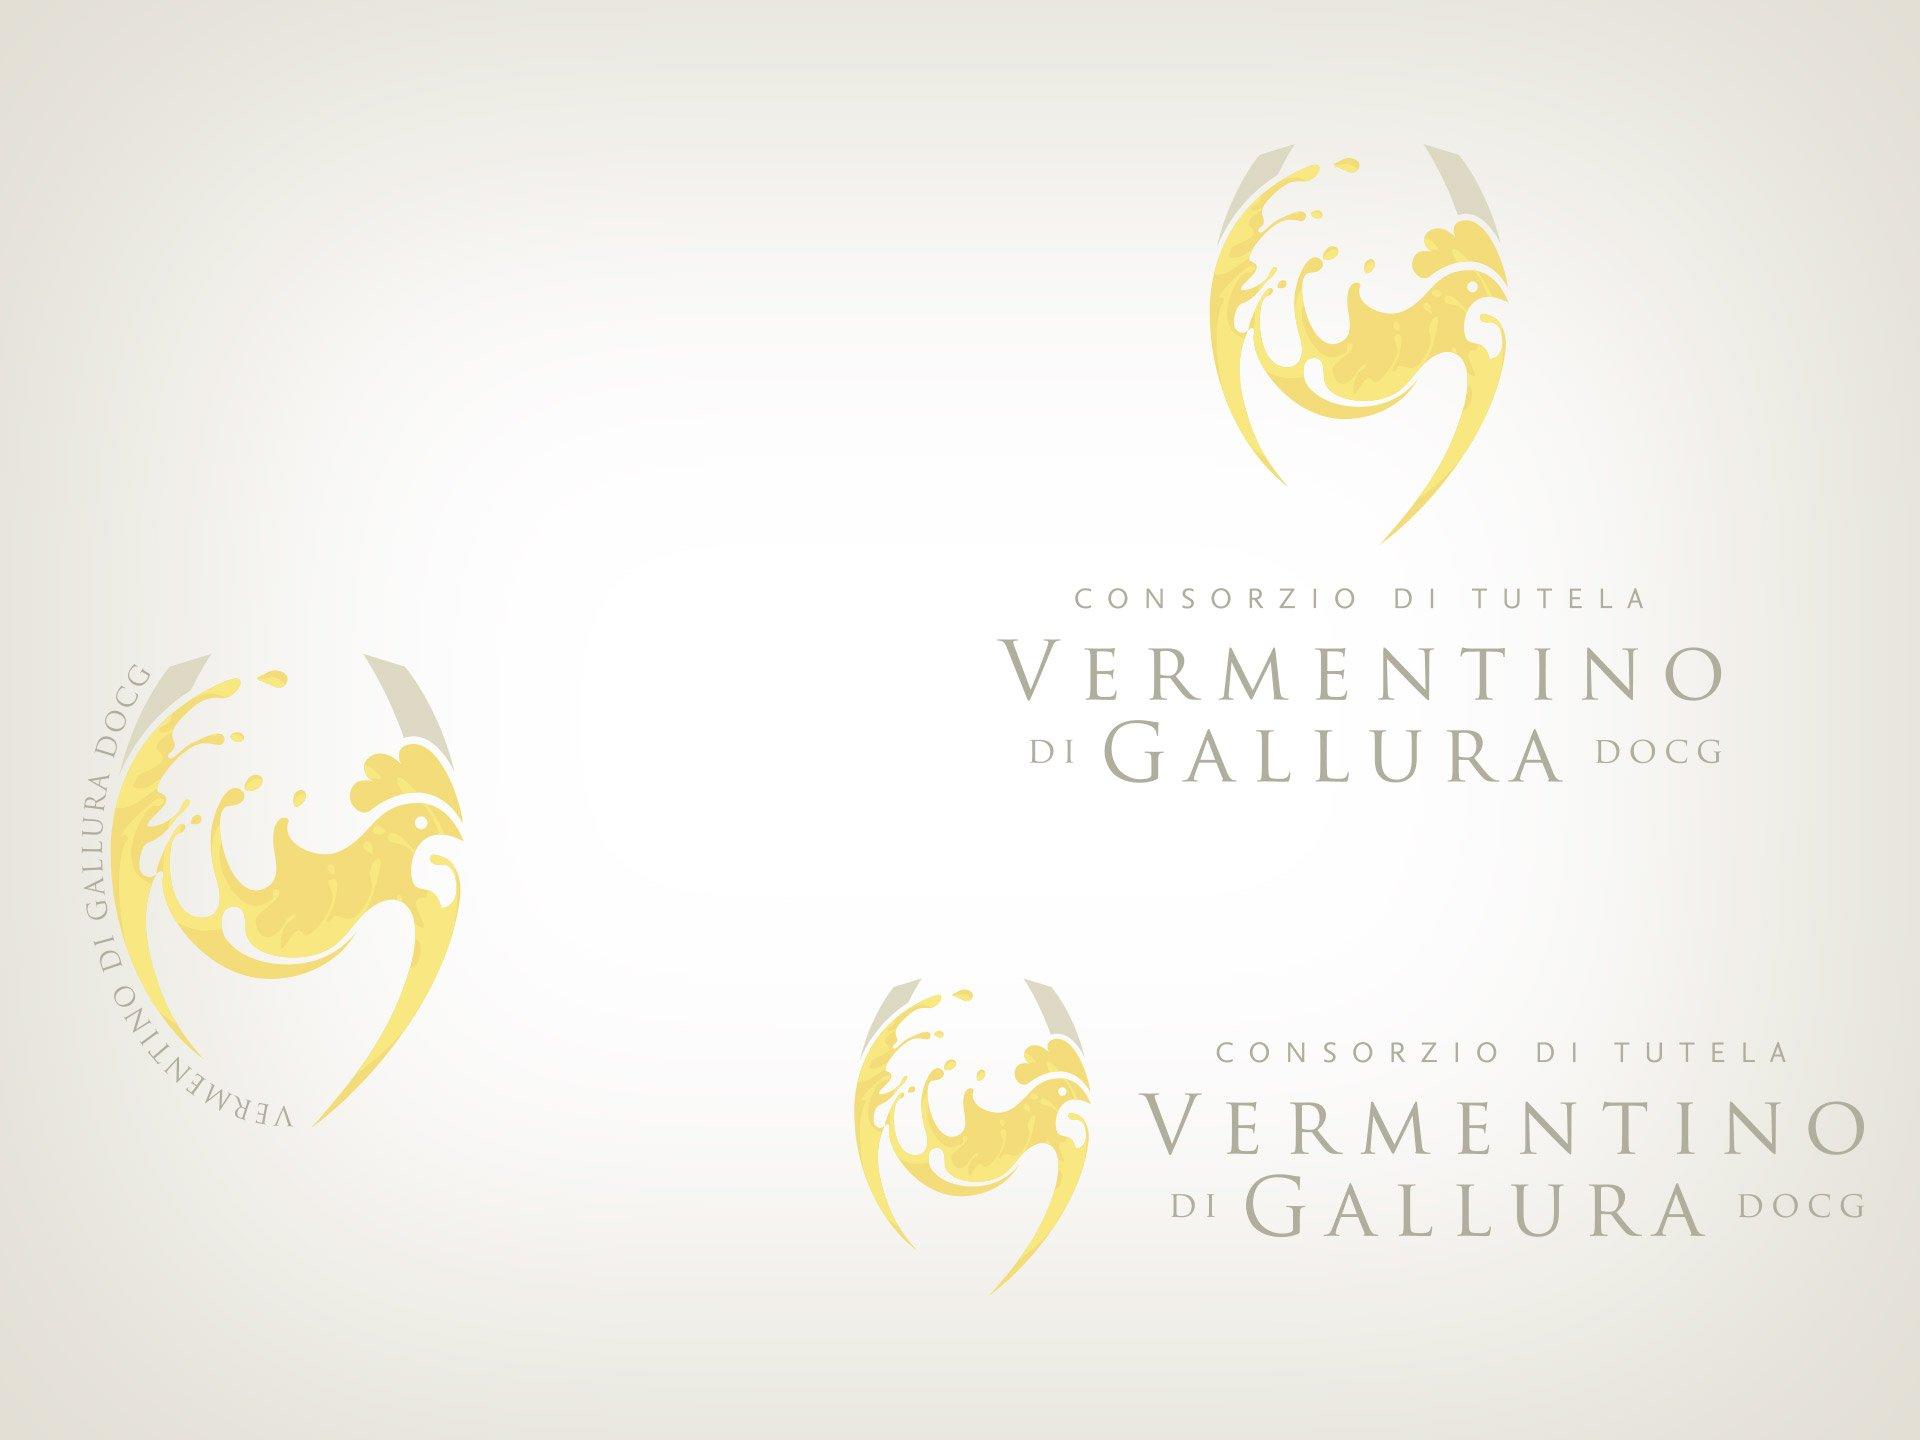 Varianti logo Consorzio Vermentino di Gallura